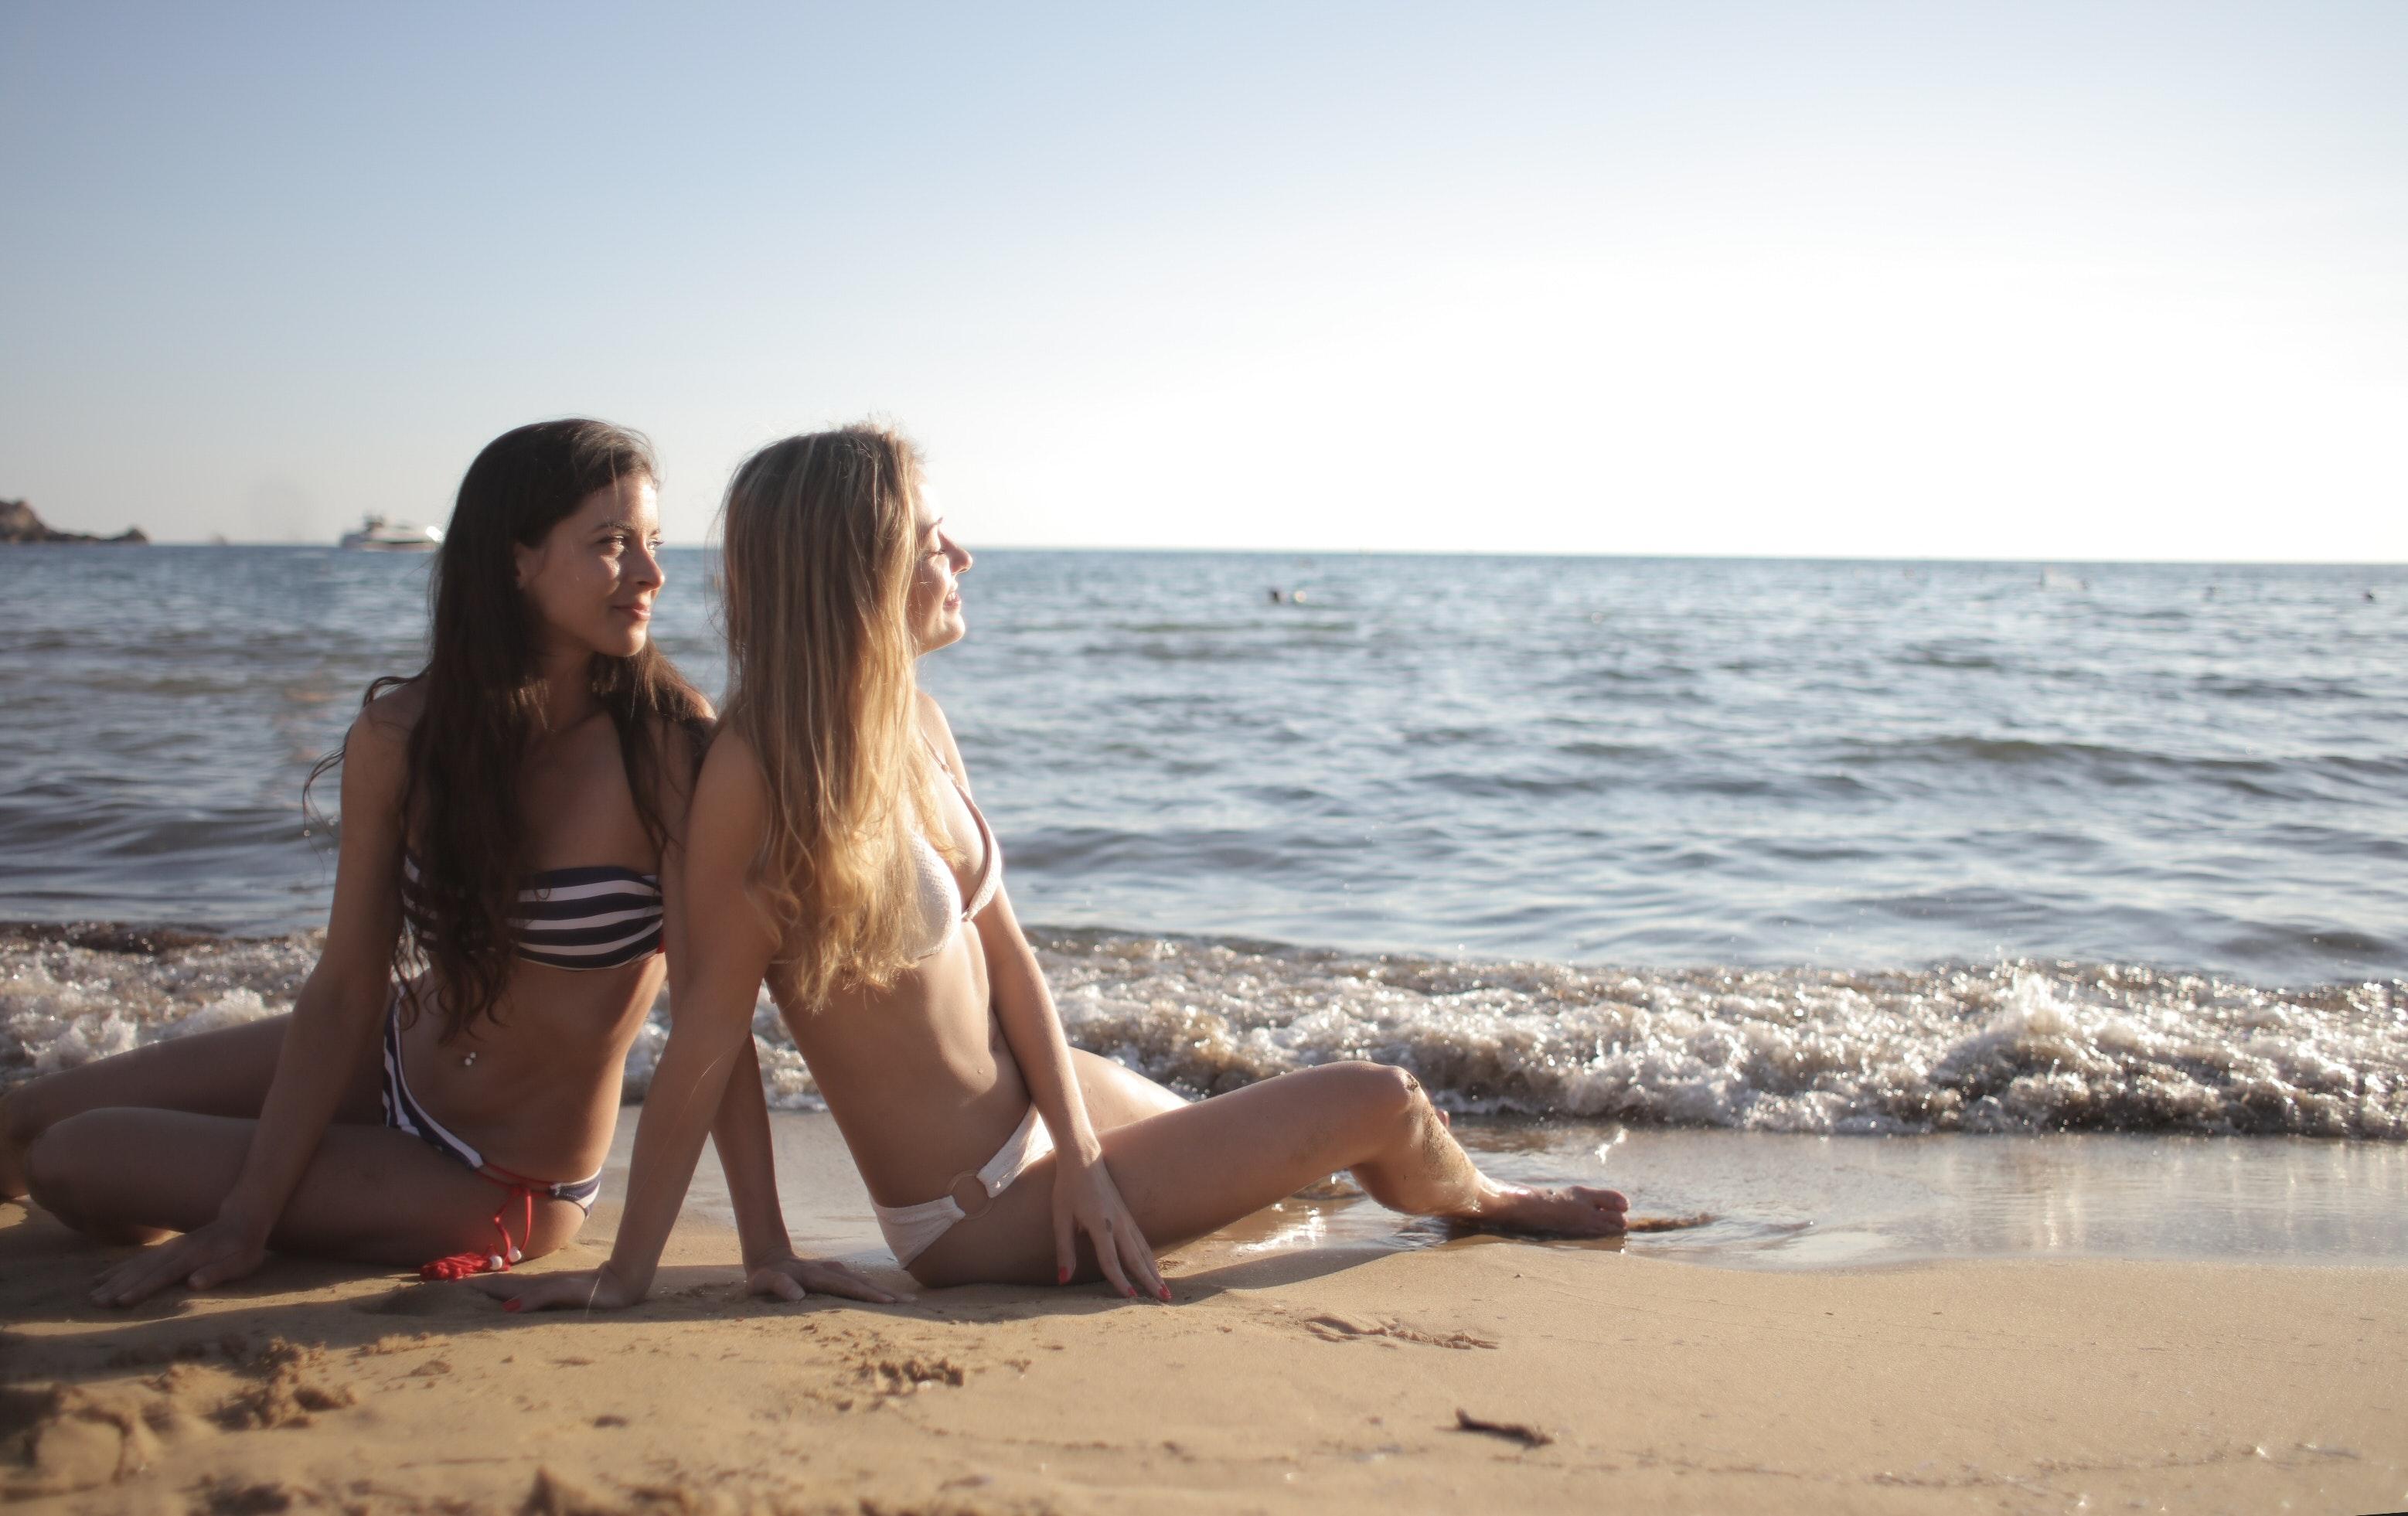 happy women relaxing on sandy beach 3847863